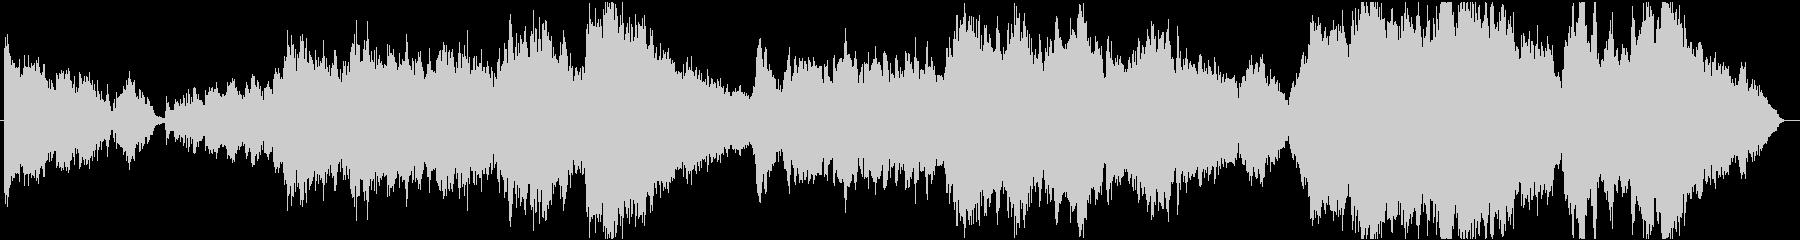 ドビュッシーとラベルのコラボレーションの未再生の波形